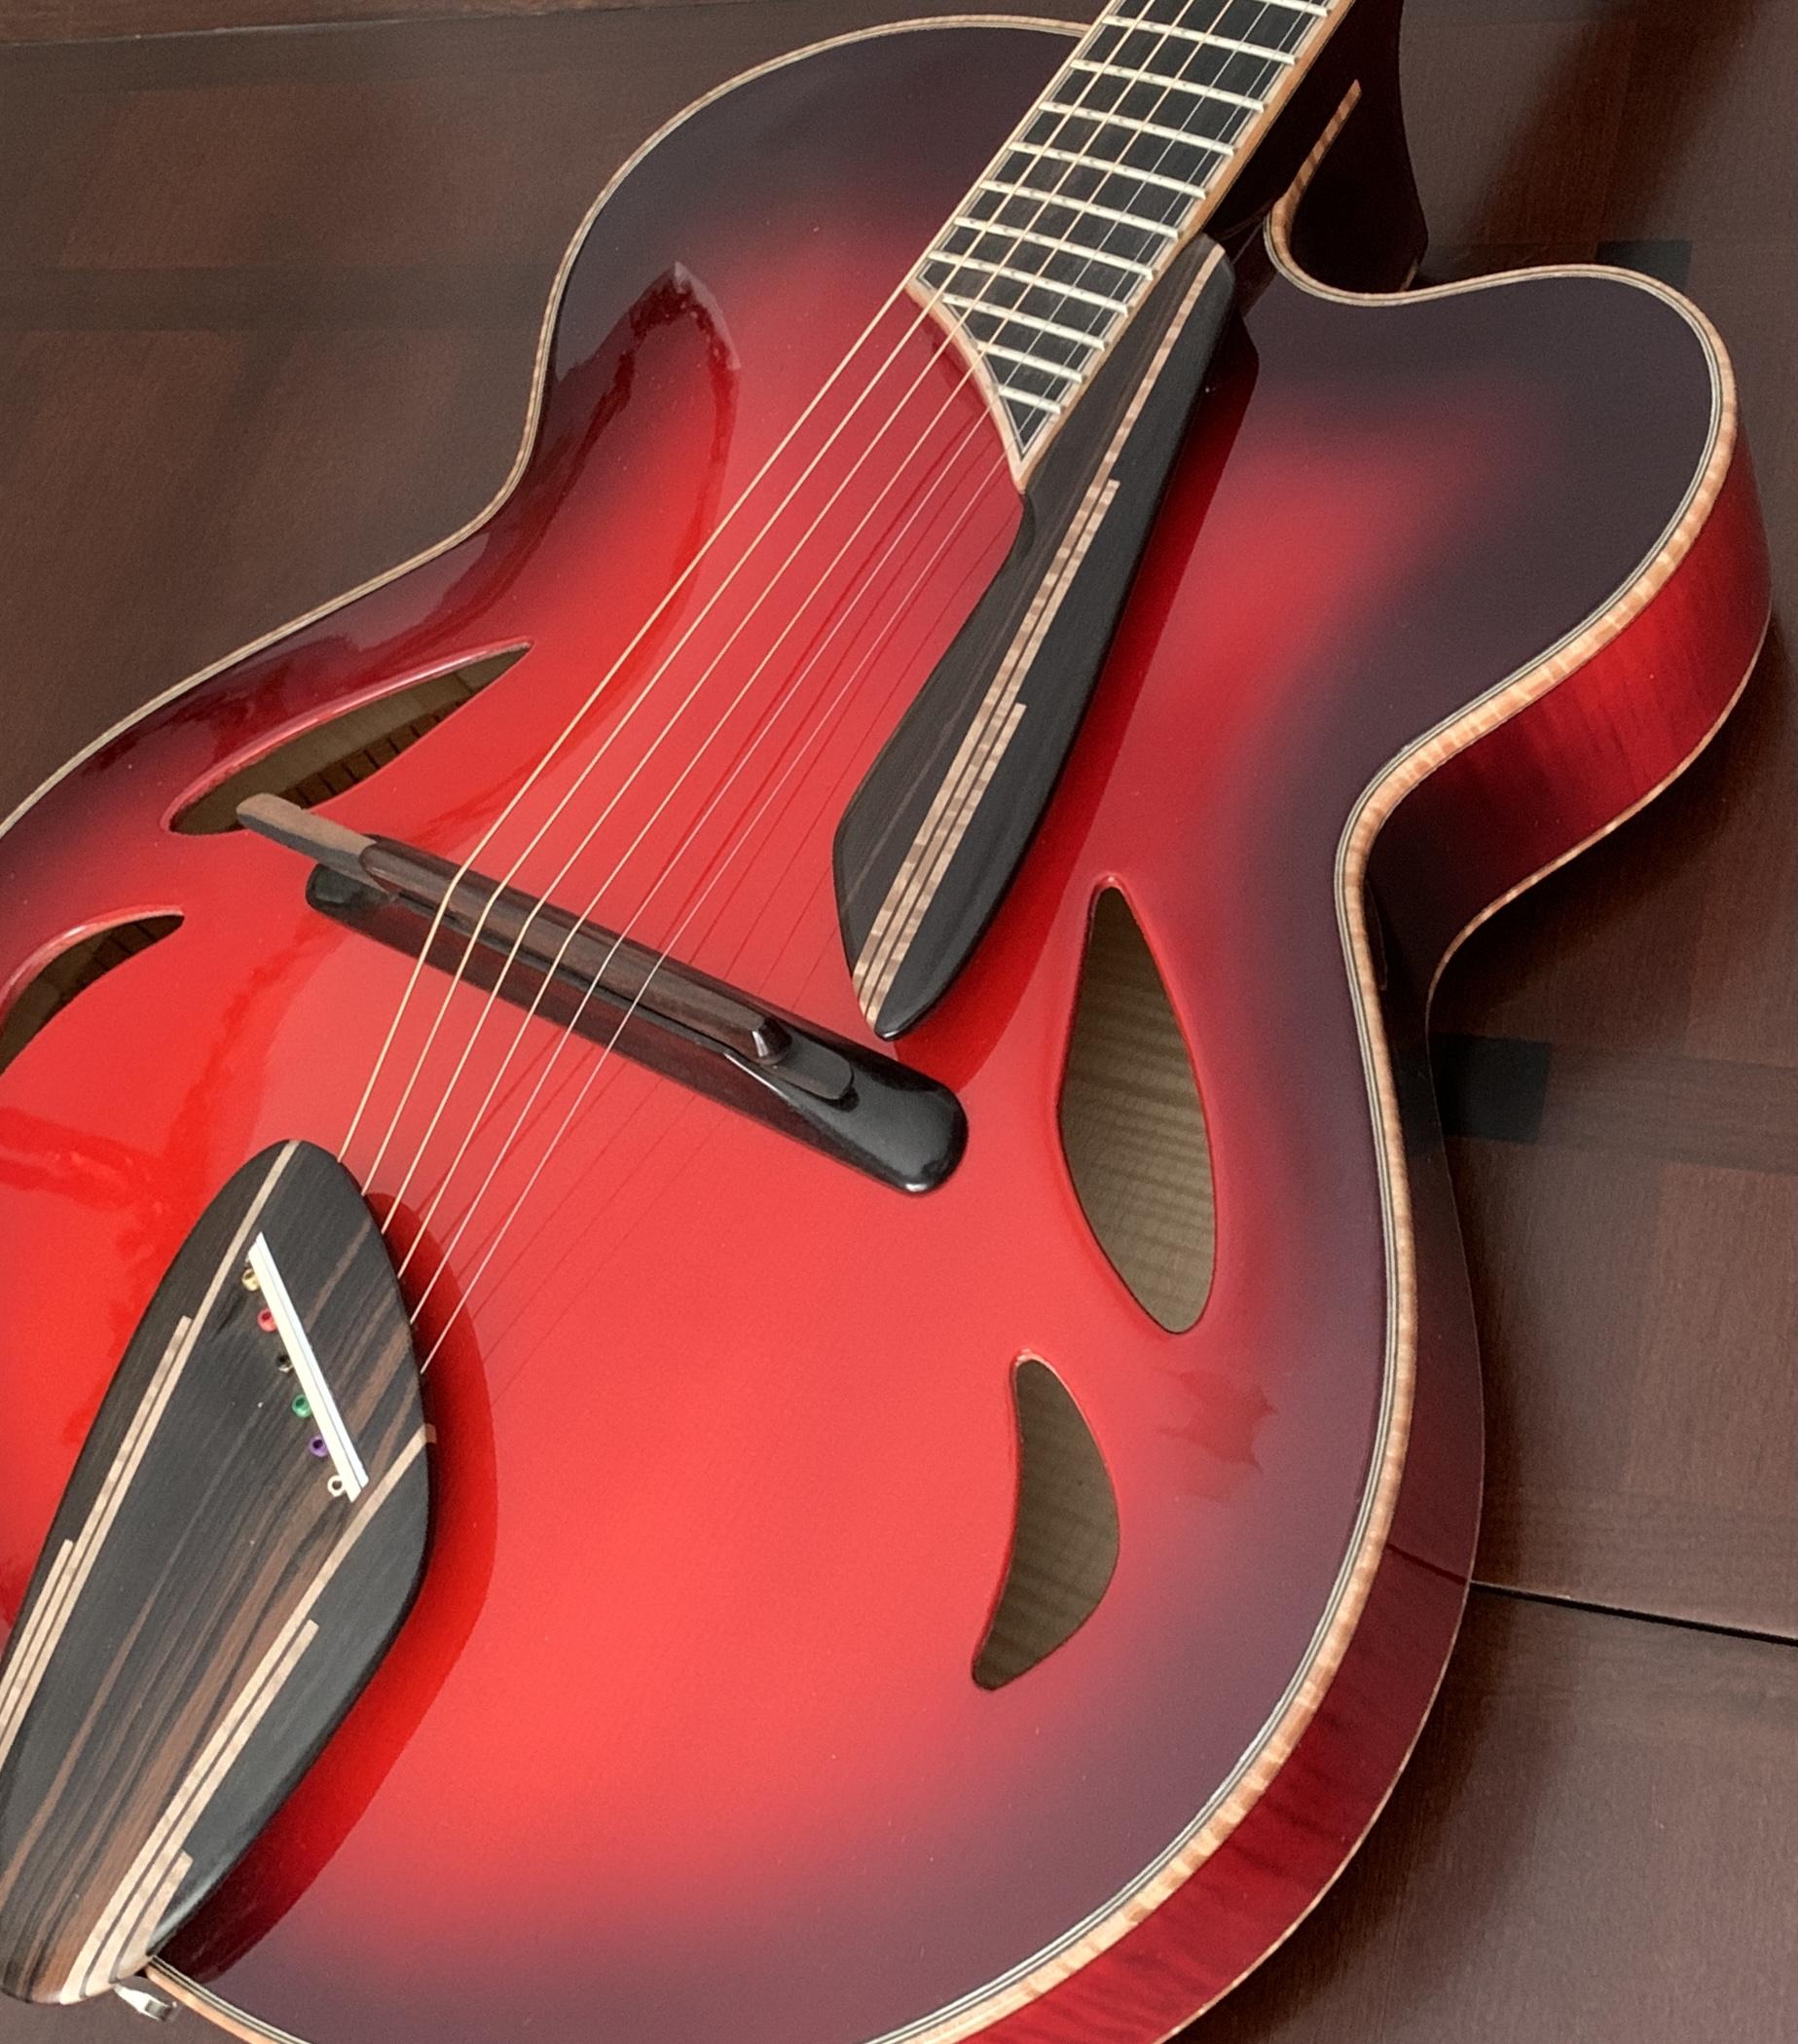 Mirabella build tread on The North American Guitar-81403f99-f378-467c-b87d-2f6c1bff651a-jpeg